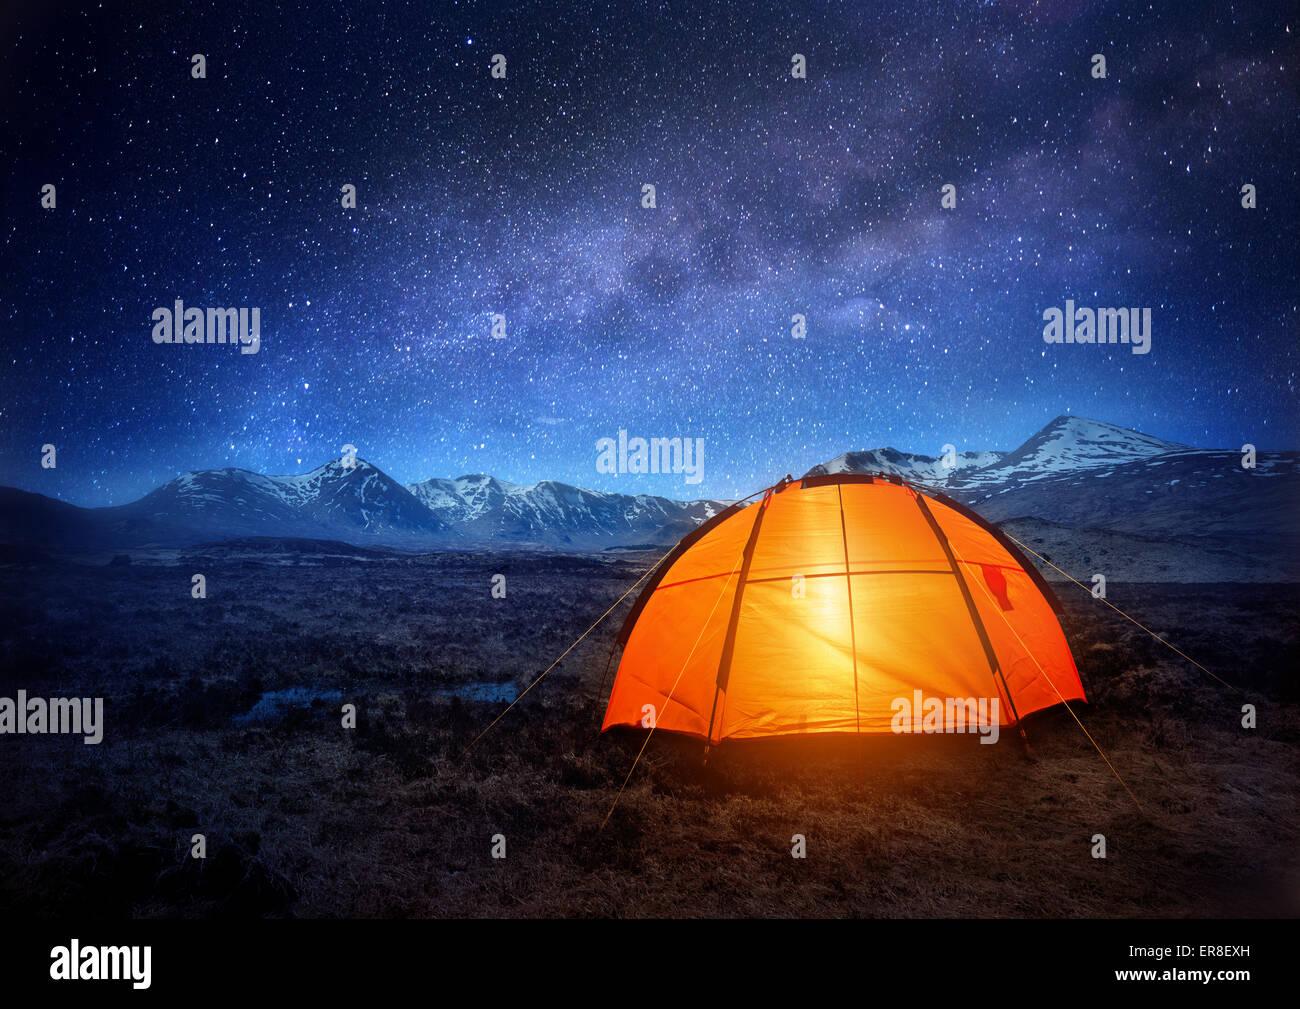 Una tenda da campeggio si illumina sotto un cielo notturno pieno di stelle. Campeggio Outdoor adventure. Immagini Stock